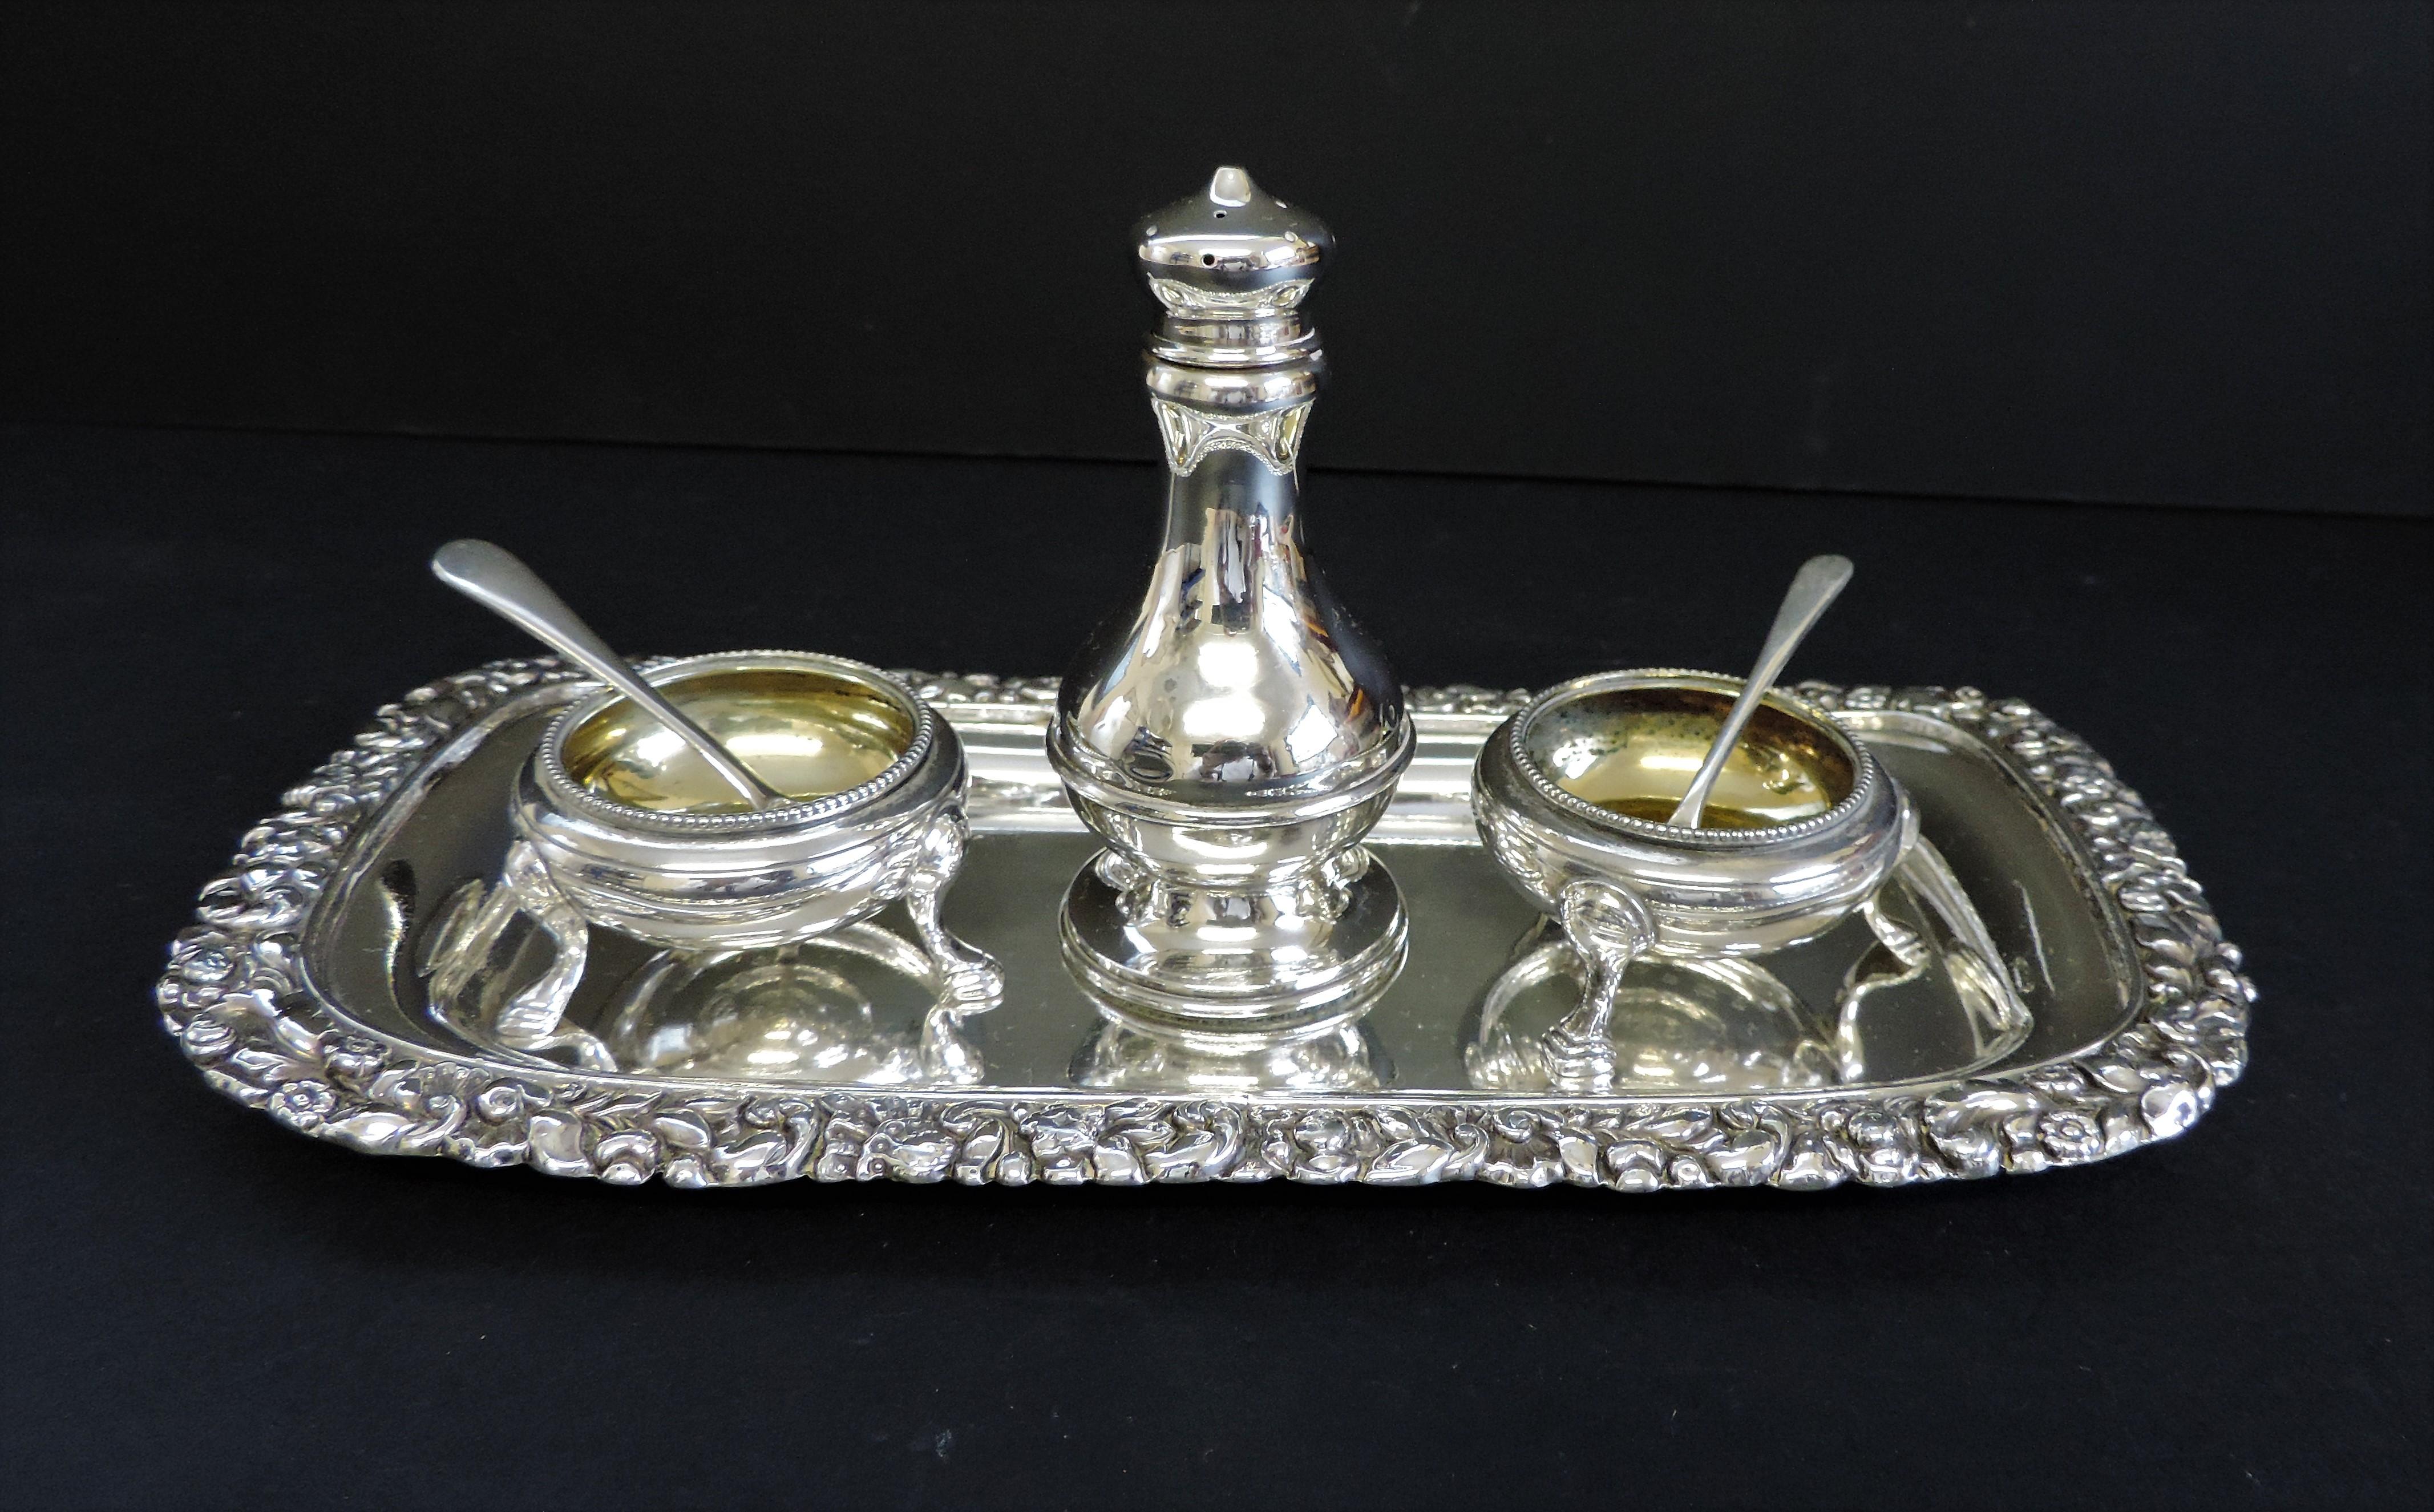 Antique Silver Plated 6 Piece Condiment Set